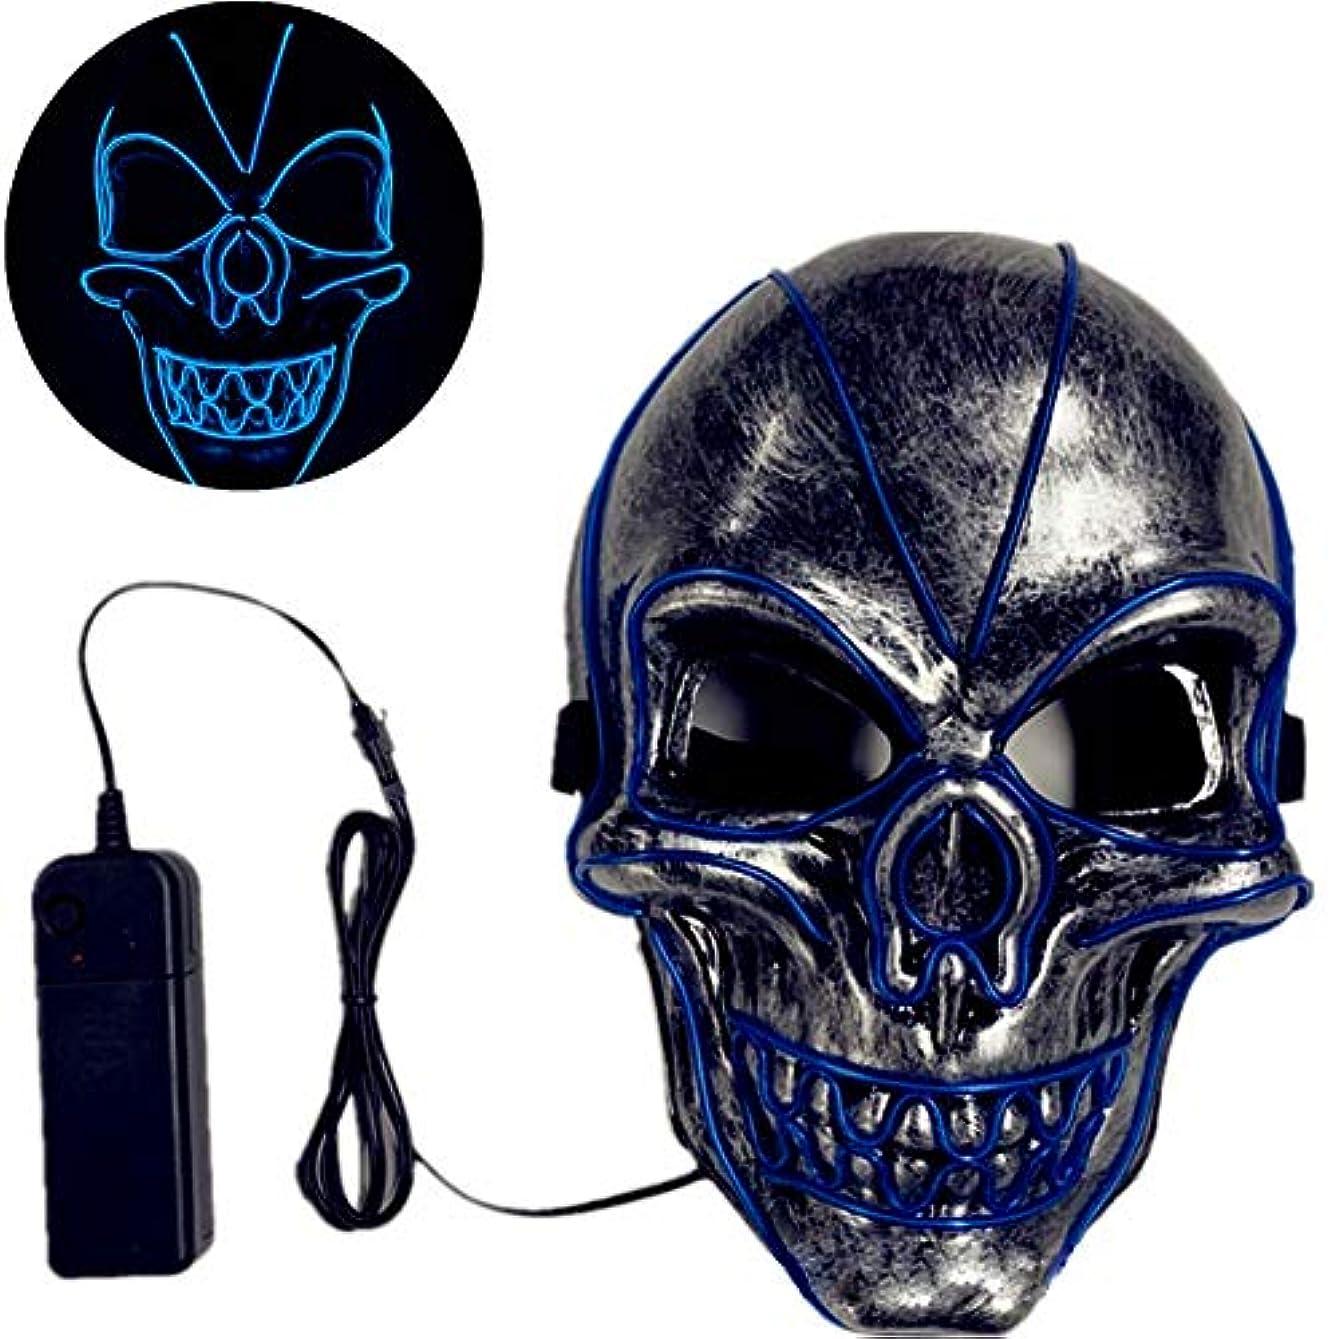 図スナップ主流テーマパーティー、カーニバル、ハロウィーン、レイブパーティー、仮面舞踏会などに適したハロウィーンマスク、LEDマスク,Blue